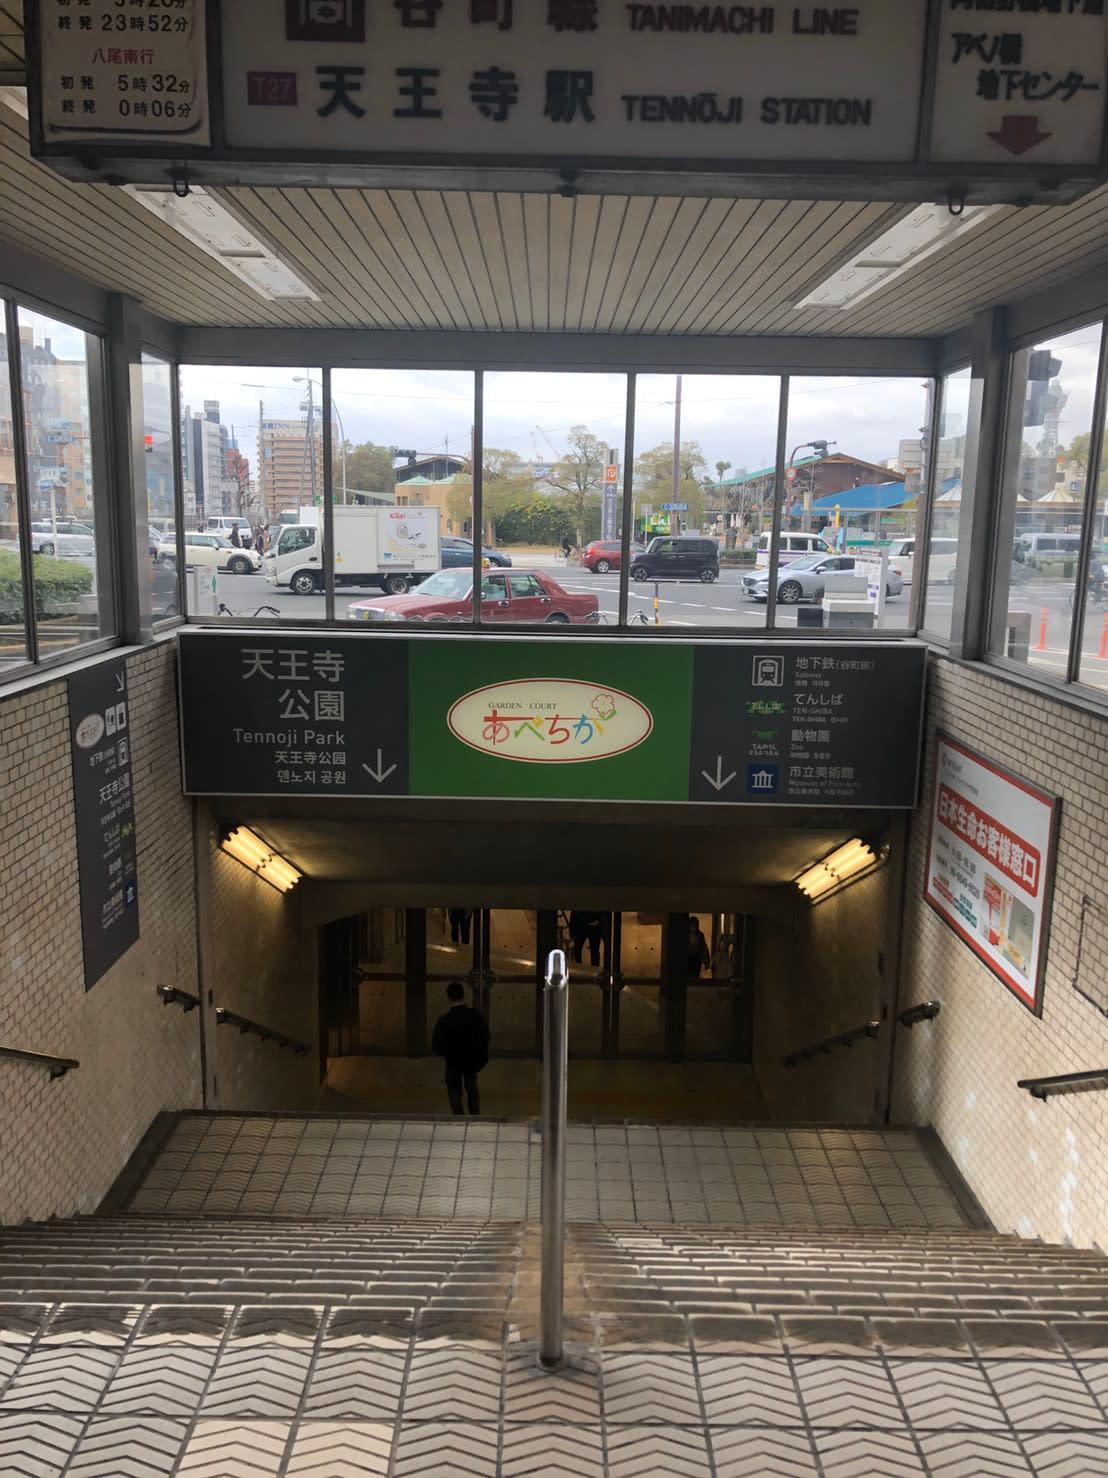 天王寺駅からチケットスーパー2